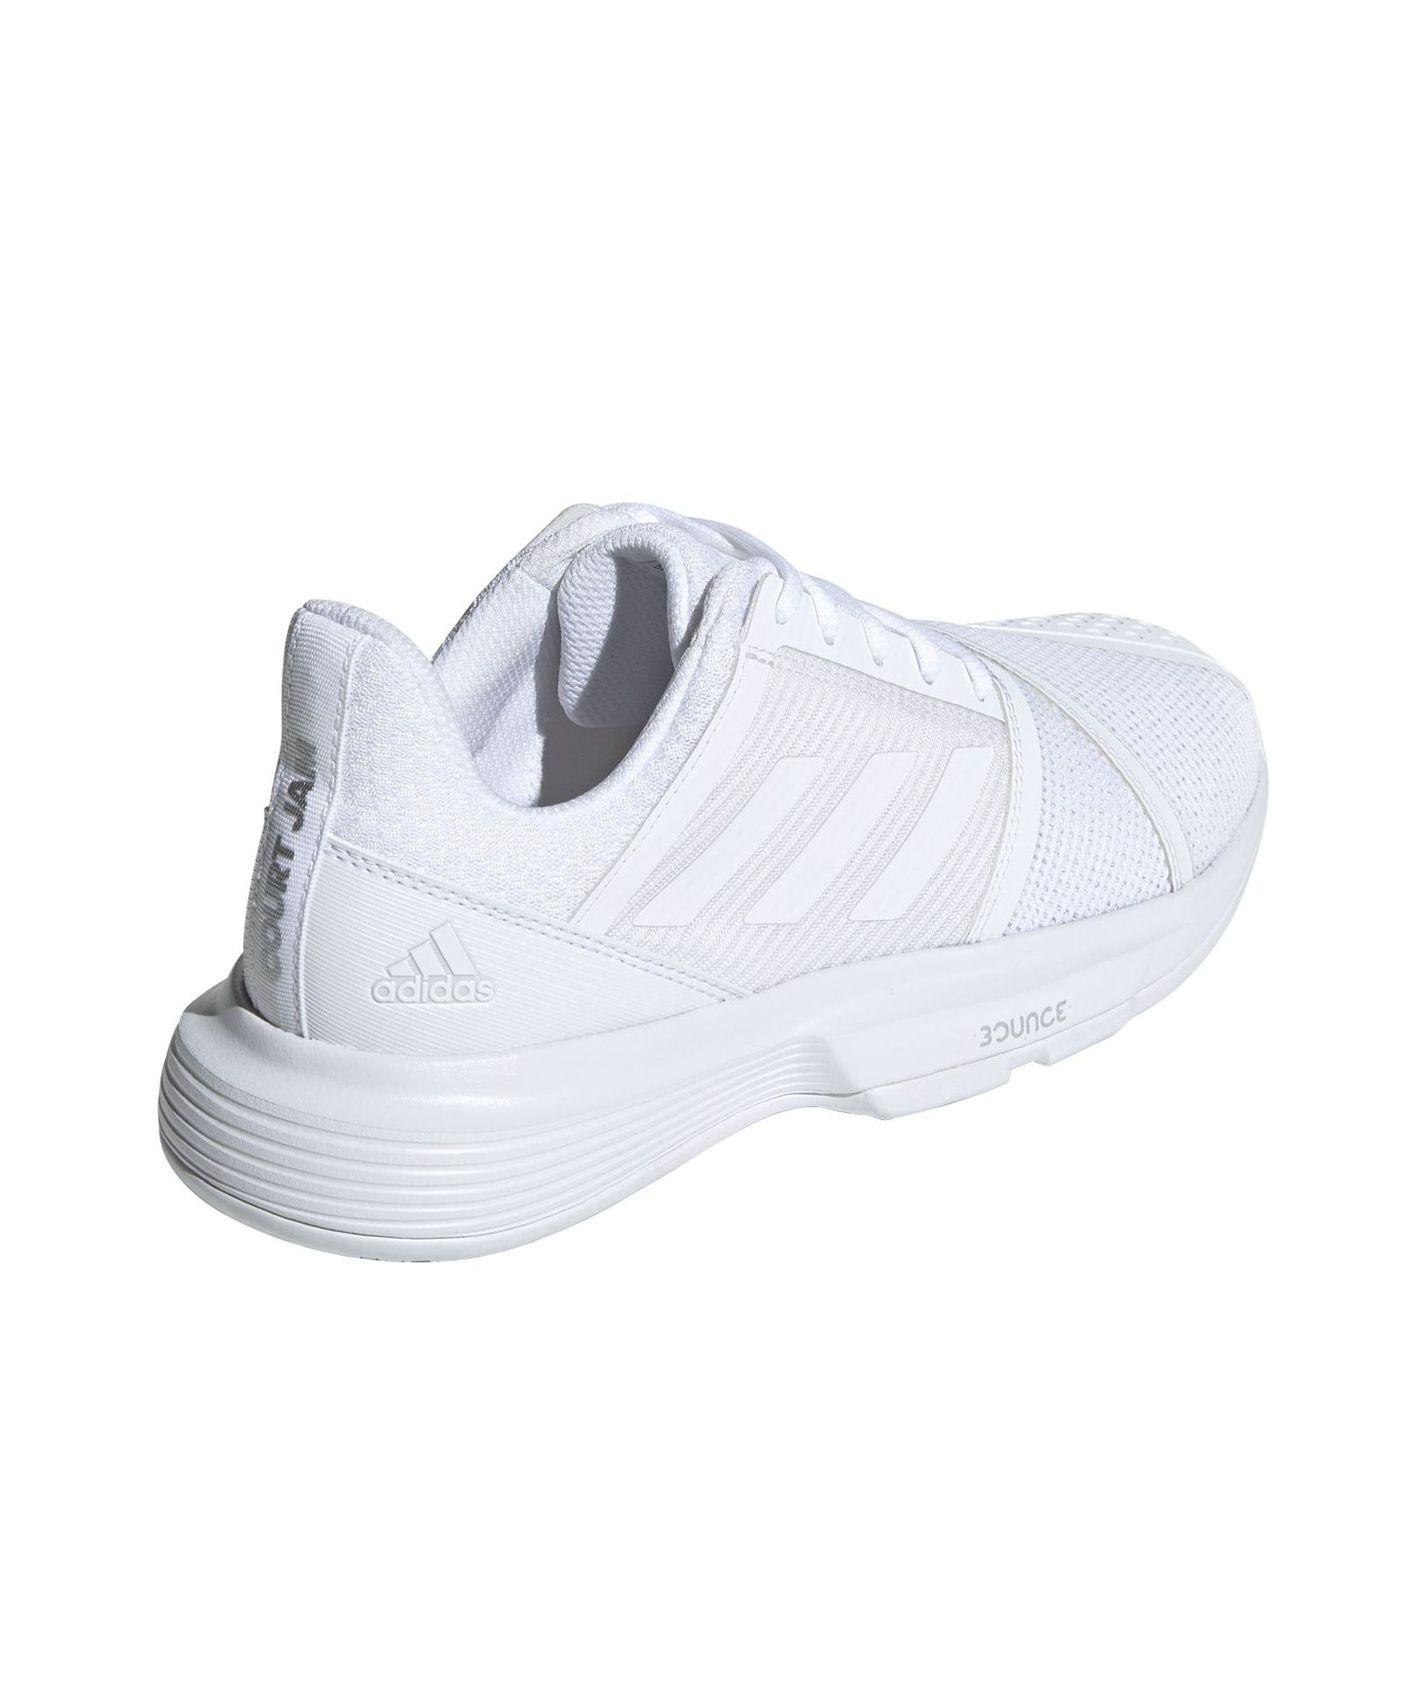 zapatillas adidas toddler